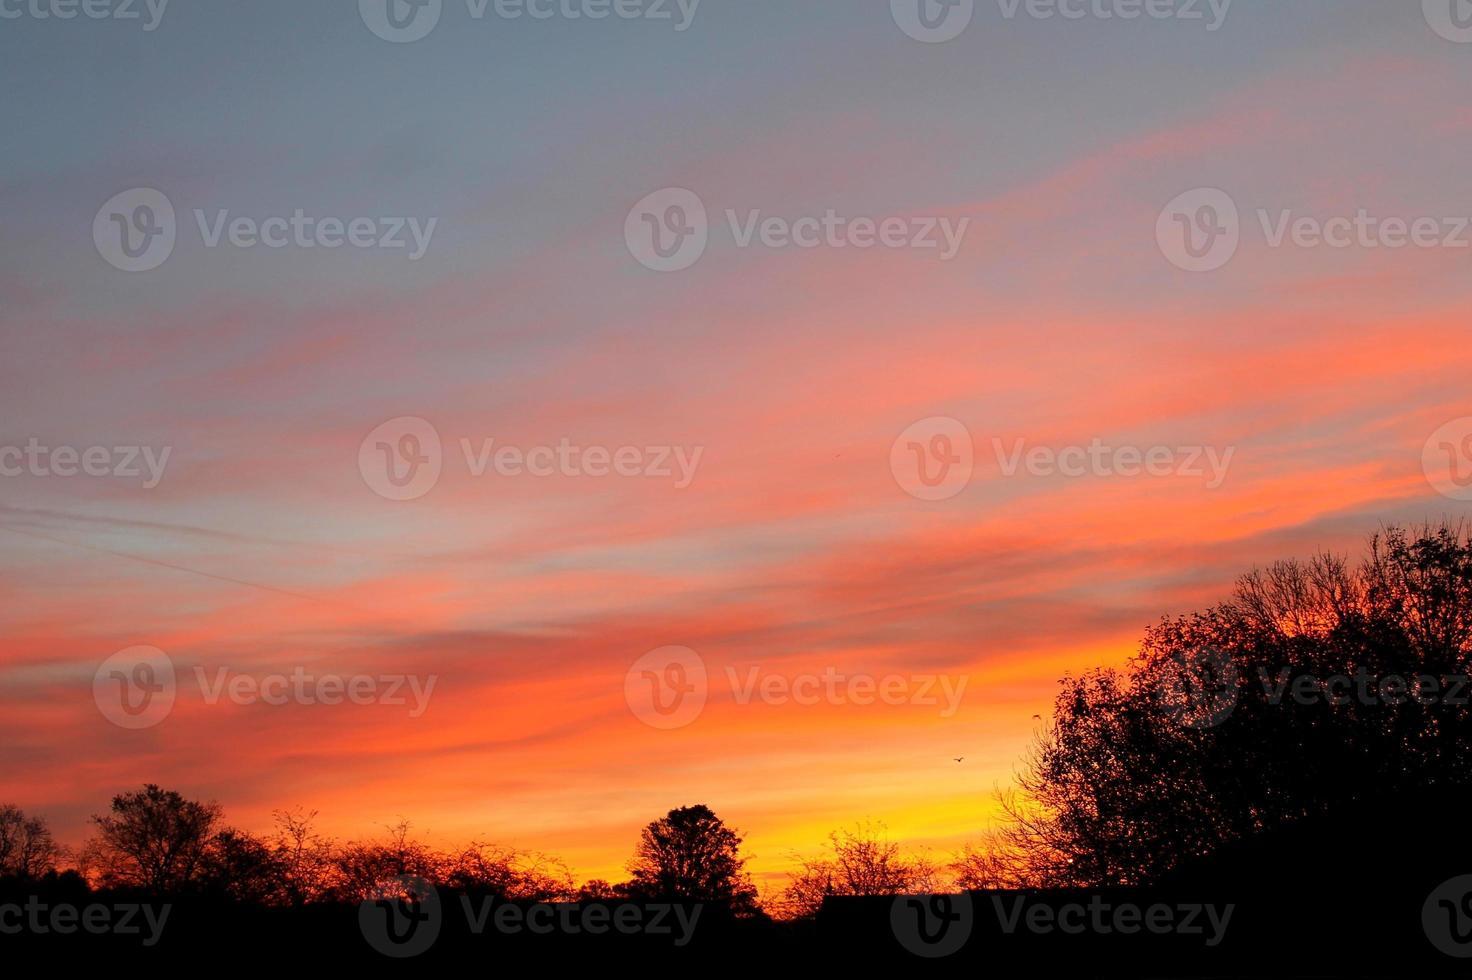 röd himmel på natten silhuett - solnedgång, escomb, nordost foto